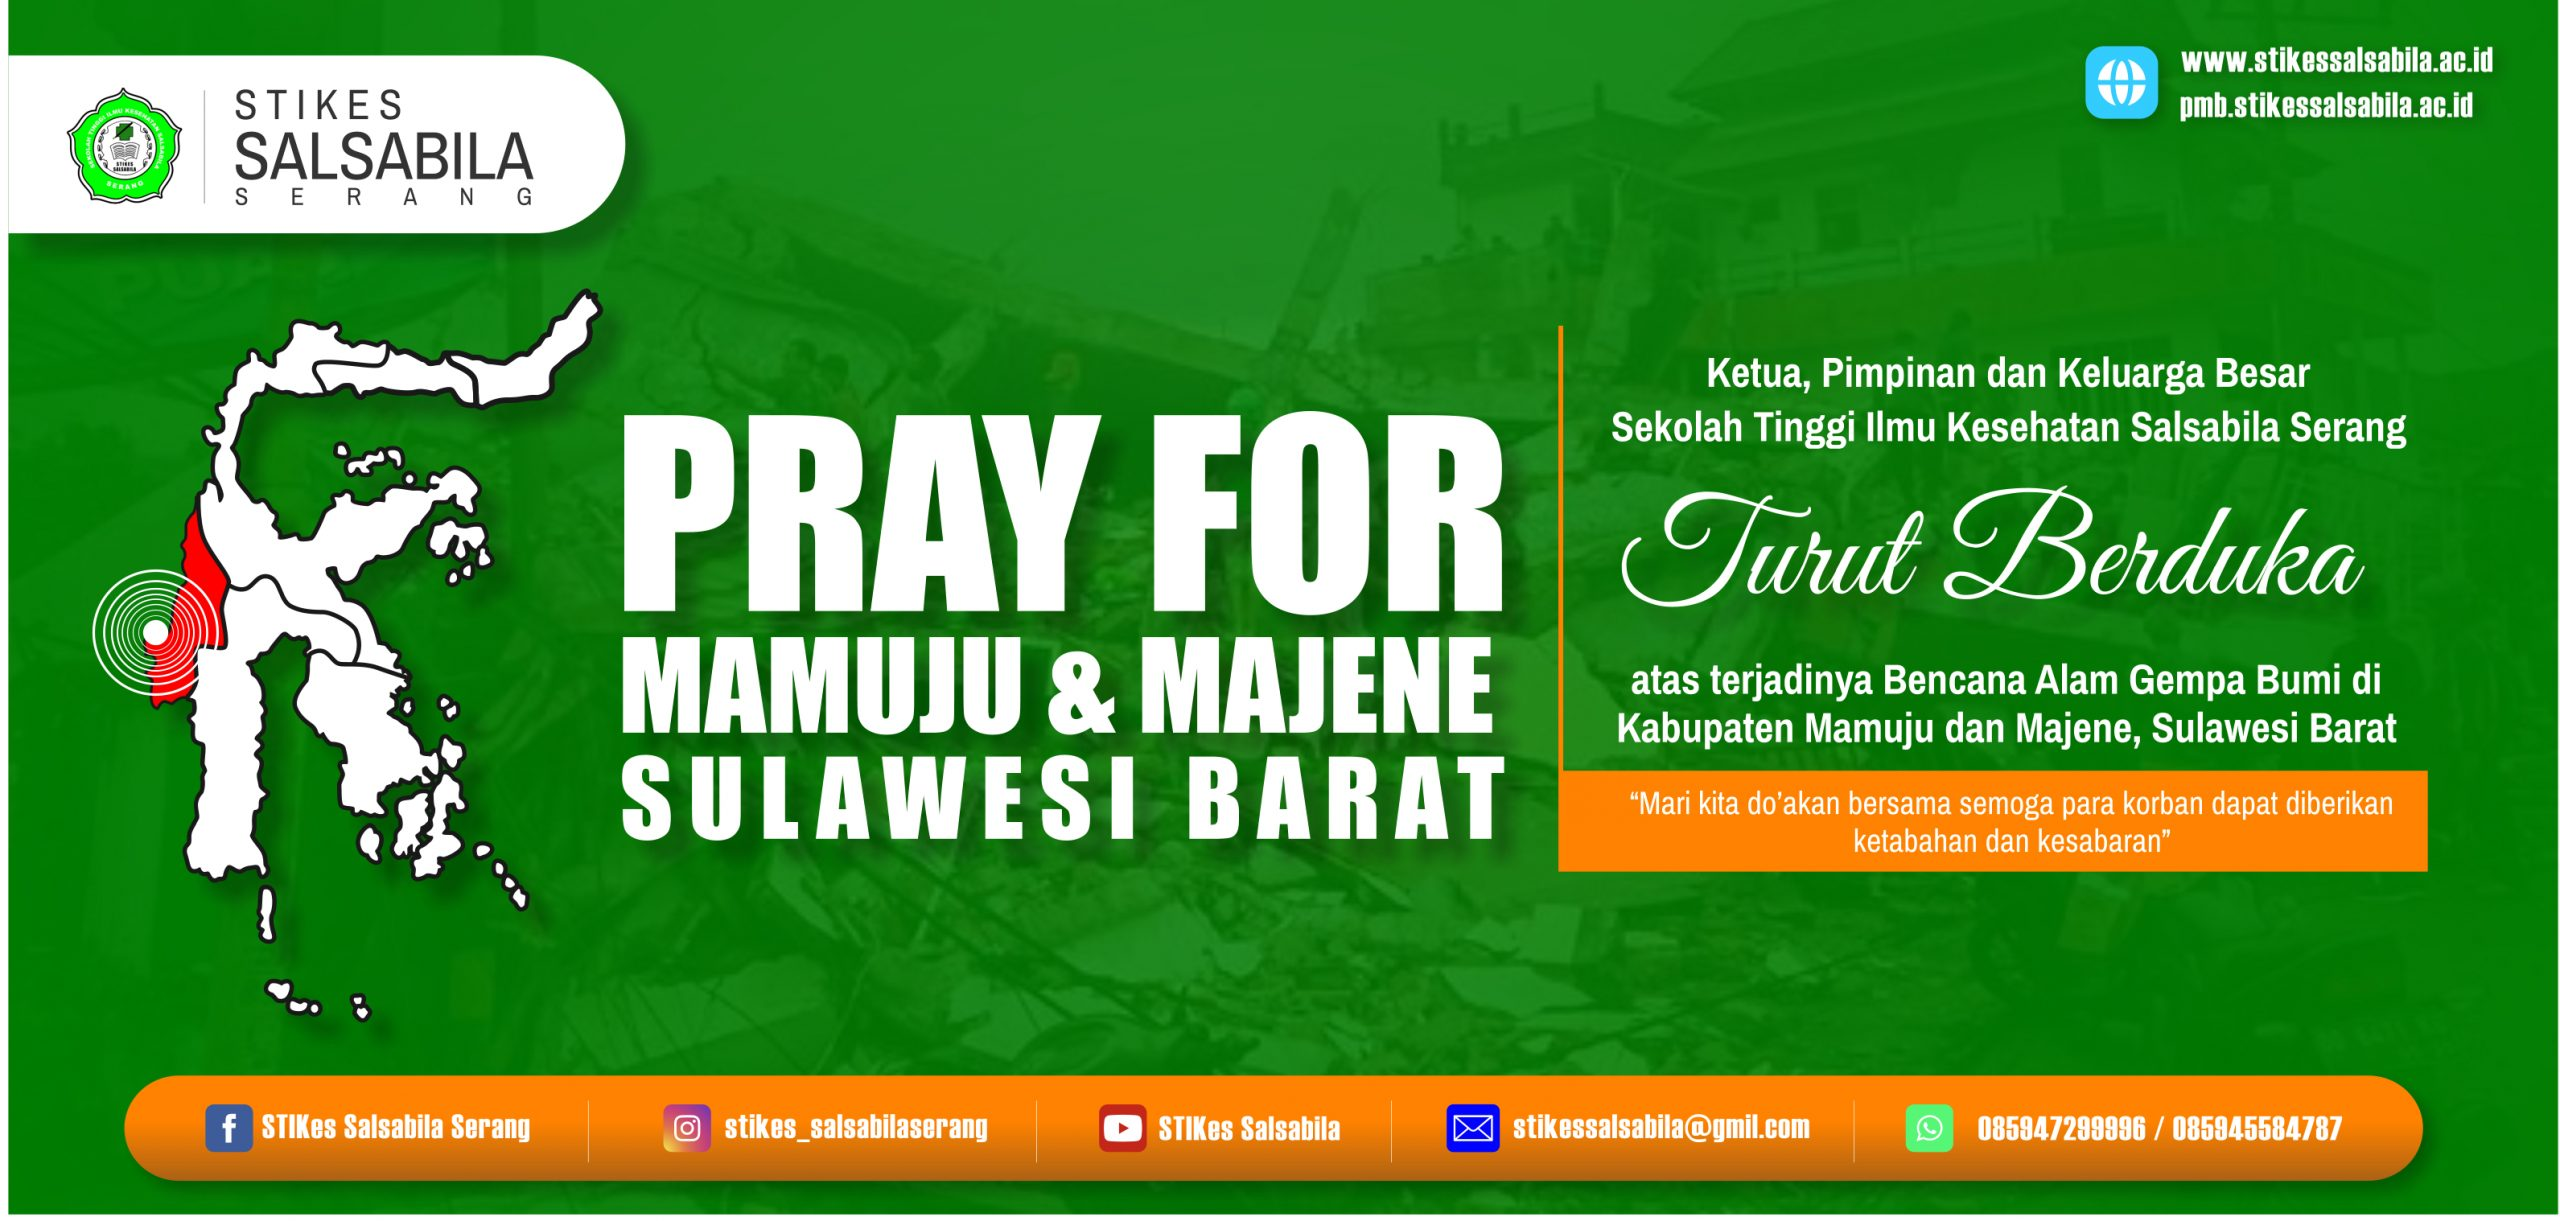 Turut Berduka Cita Bencana Alam Gempa Bumi Sulawesi Barat